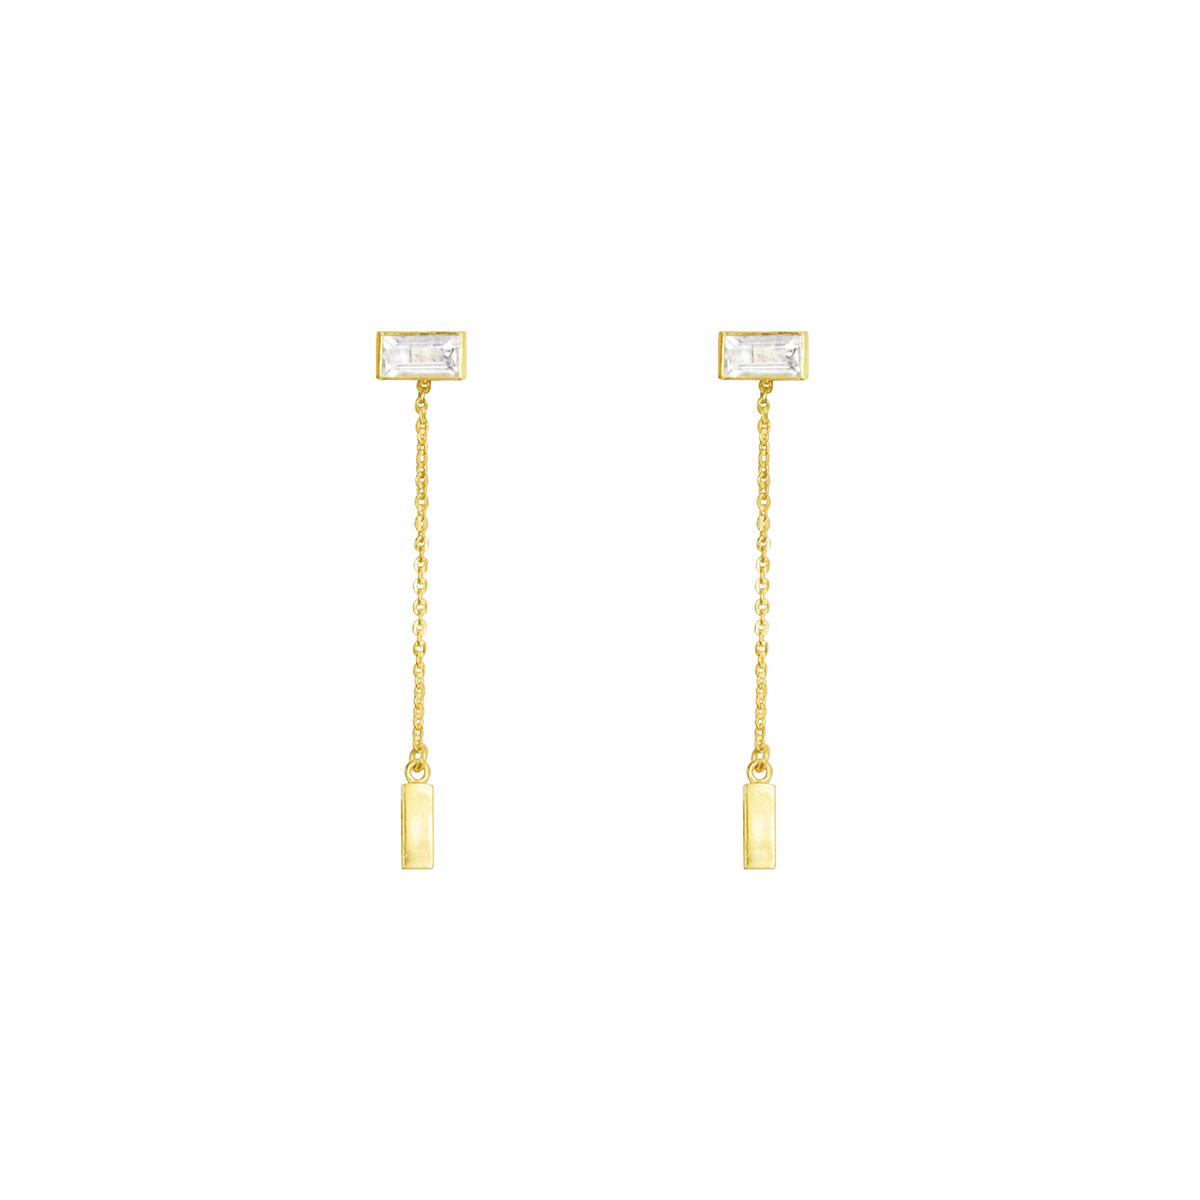 Pendientes Aurora bañados en oro de 22 quilates y cuarzo blanco